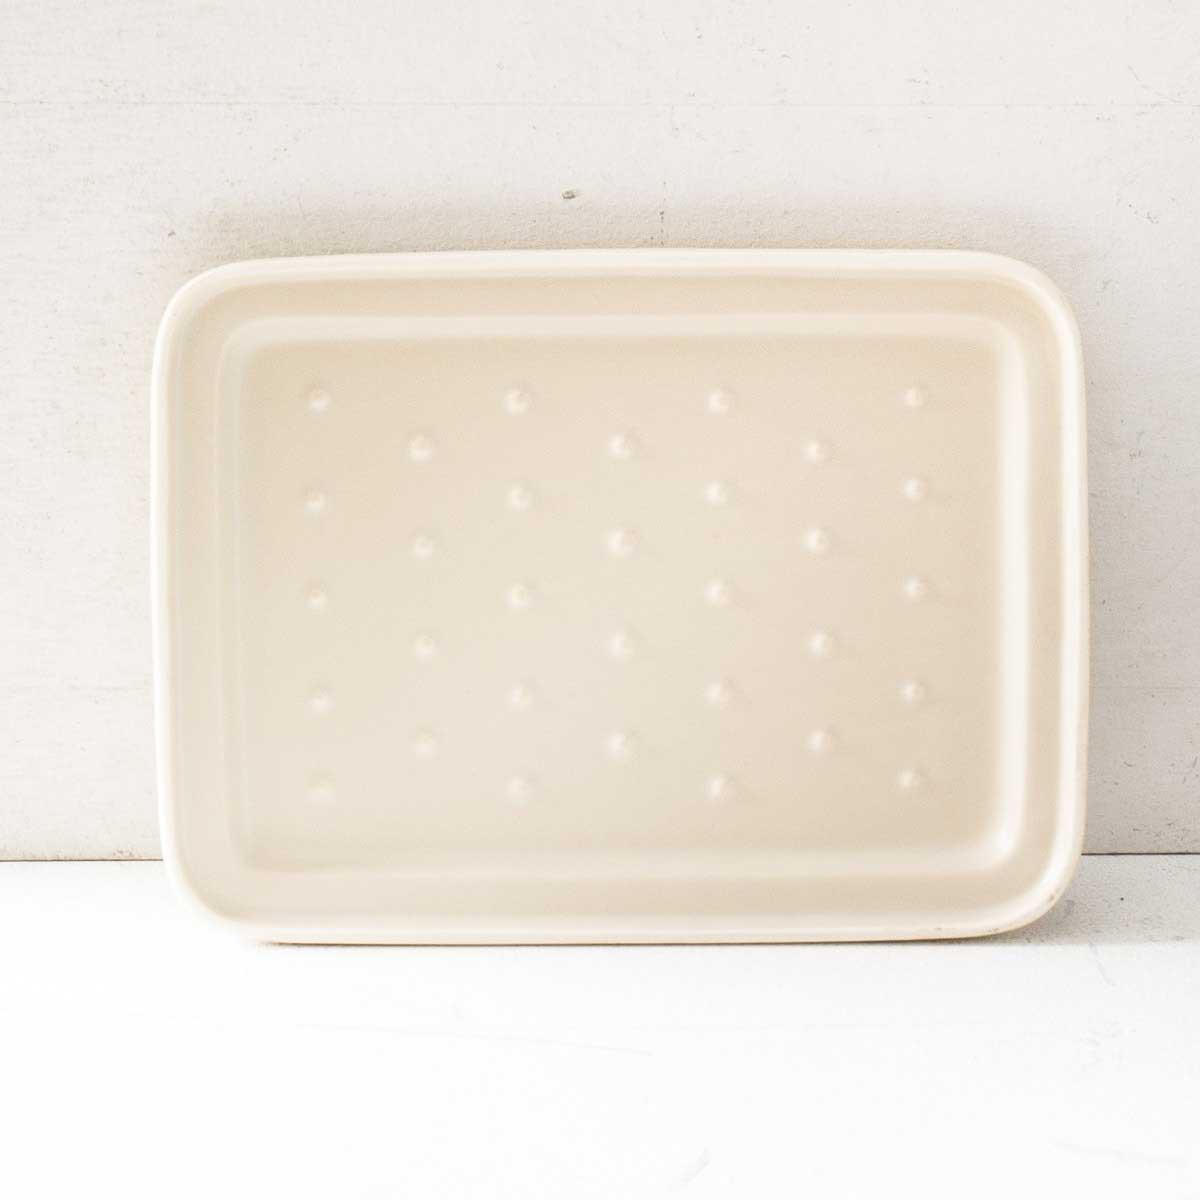 直火・オーブン・電子レンジ・ガスコンロのグリルでもつかえる薄型の陶器製ダッチオーブン型グリラー[イブキクラフト TOOLS グリラー(ベージュ)]